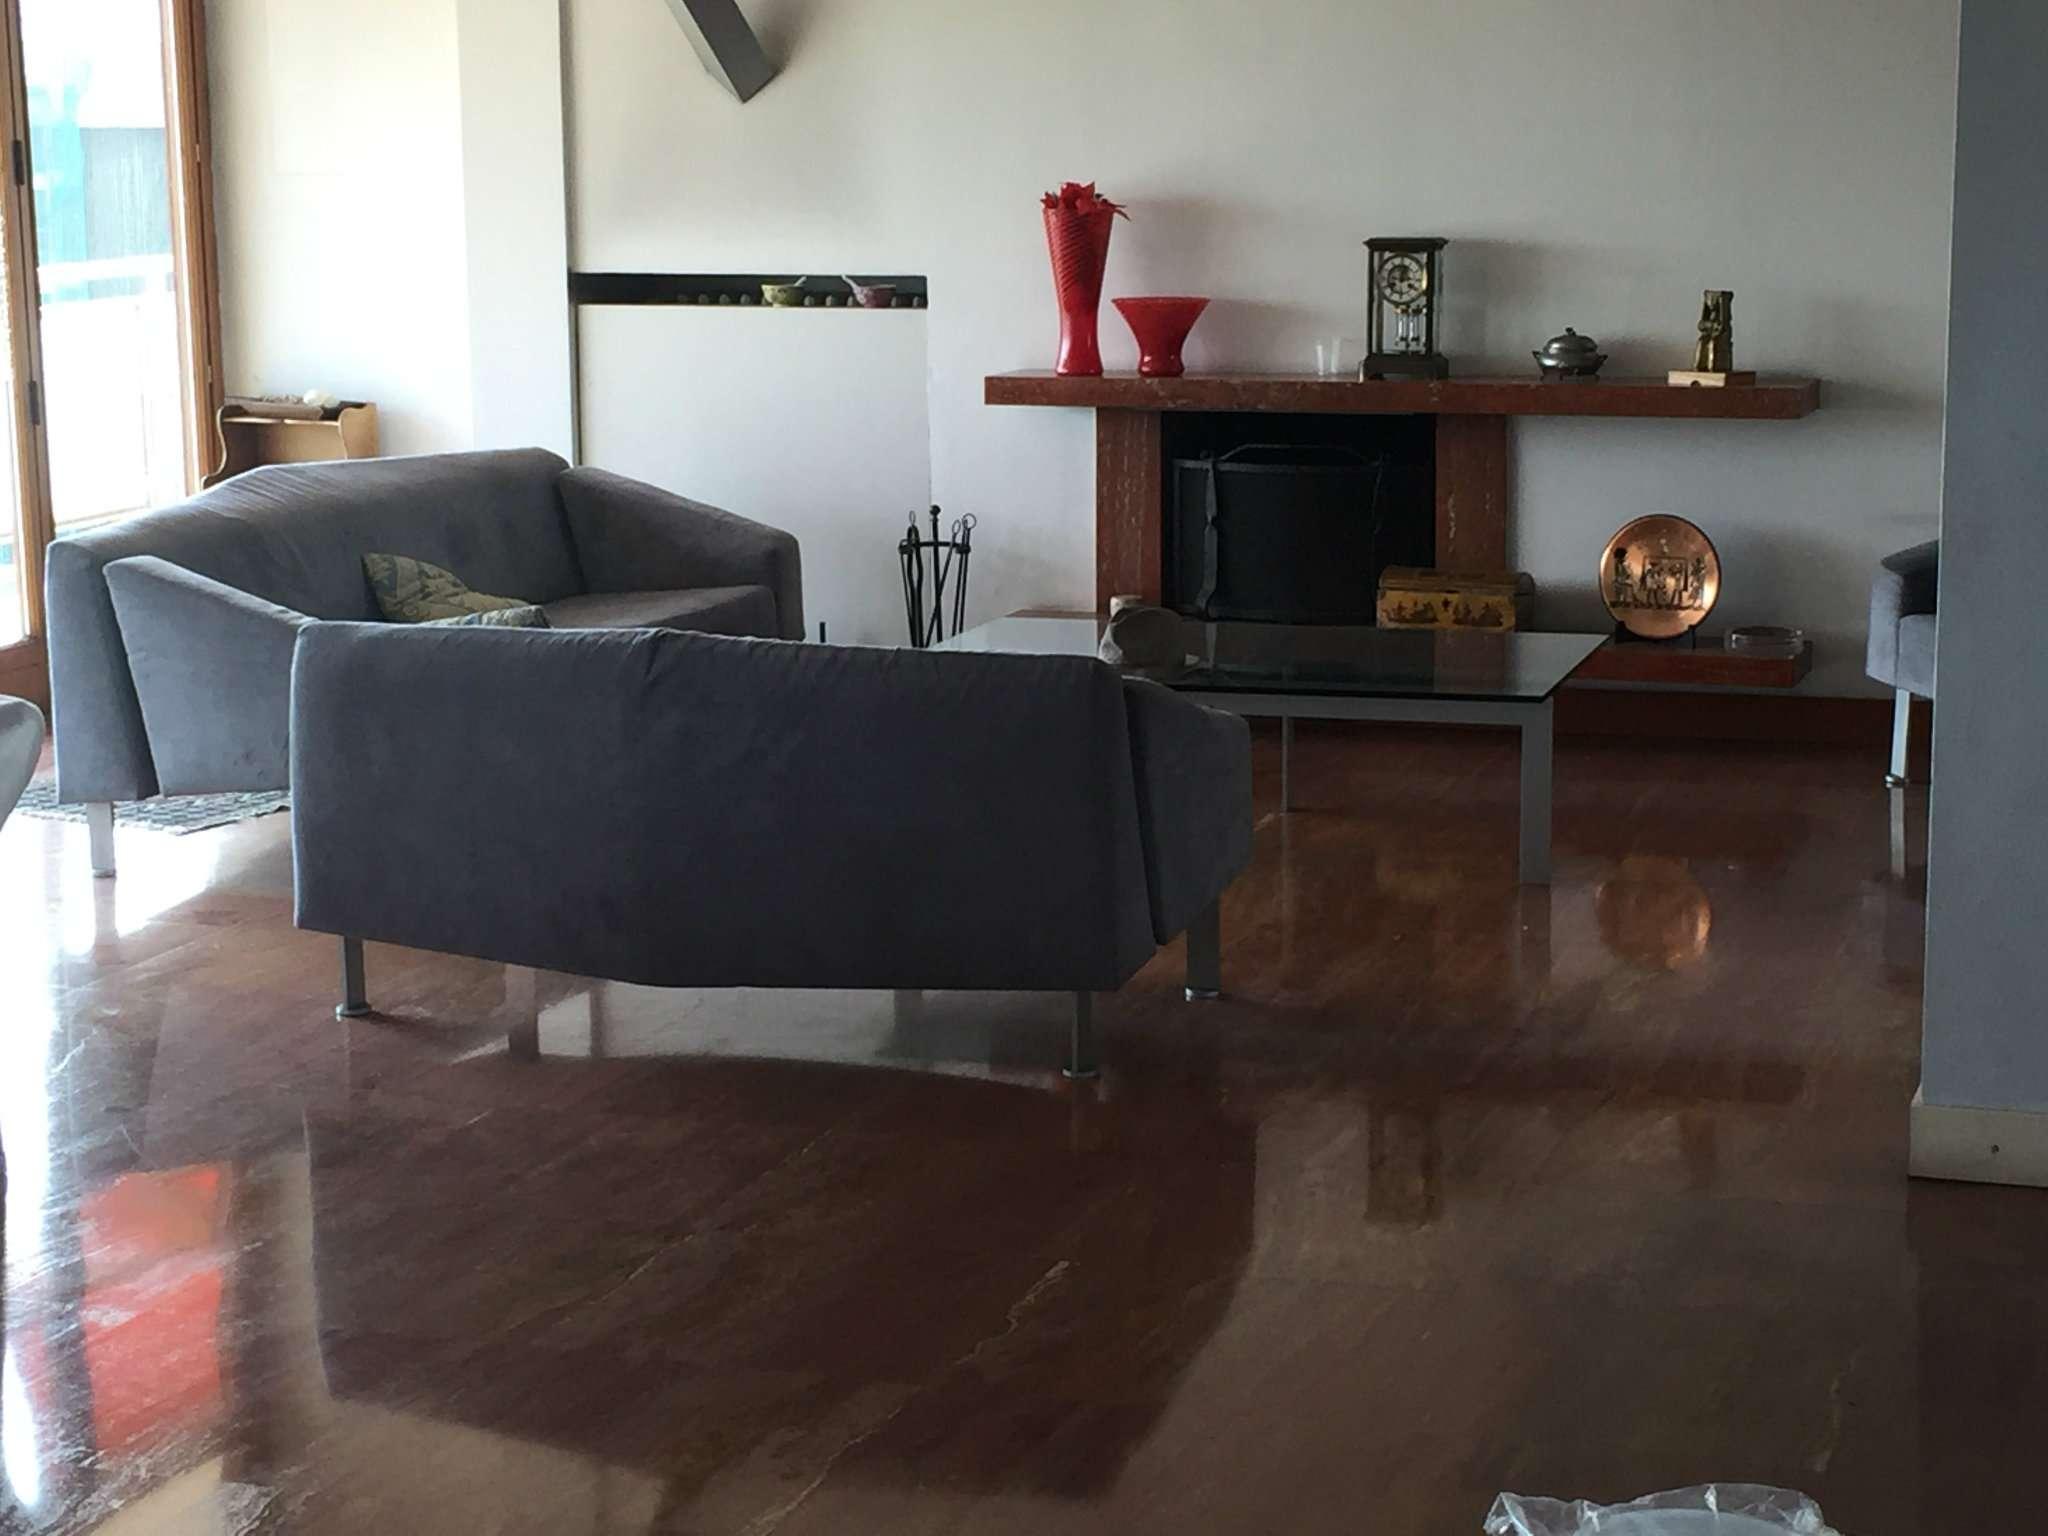 Attico / Mansarda in vendita a Peschiera Borromeo, 6 locali, prezzo € 550.000 | Cambio Casa.it